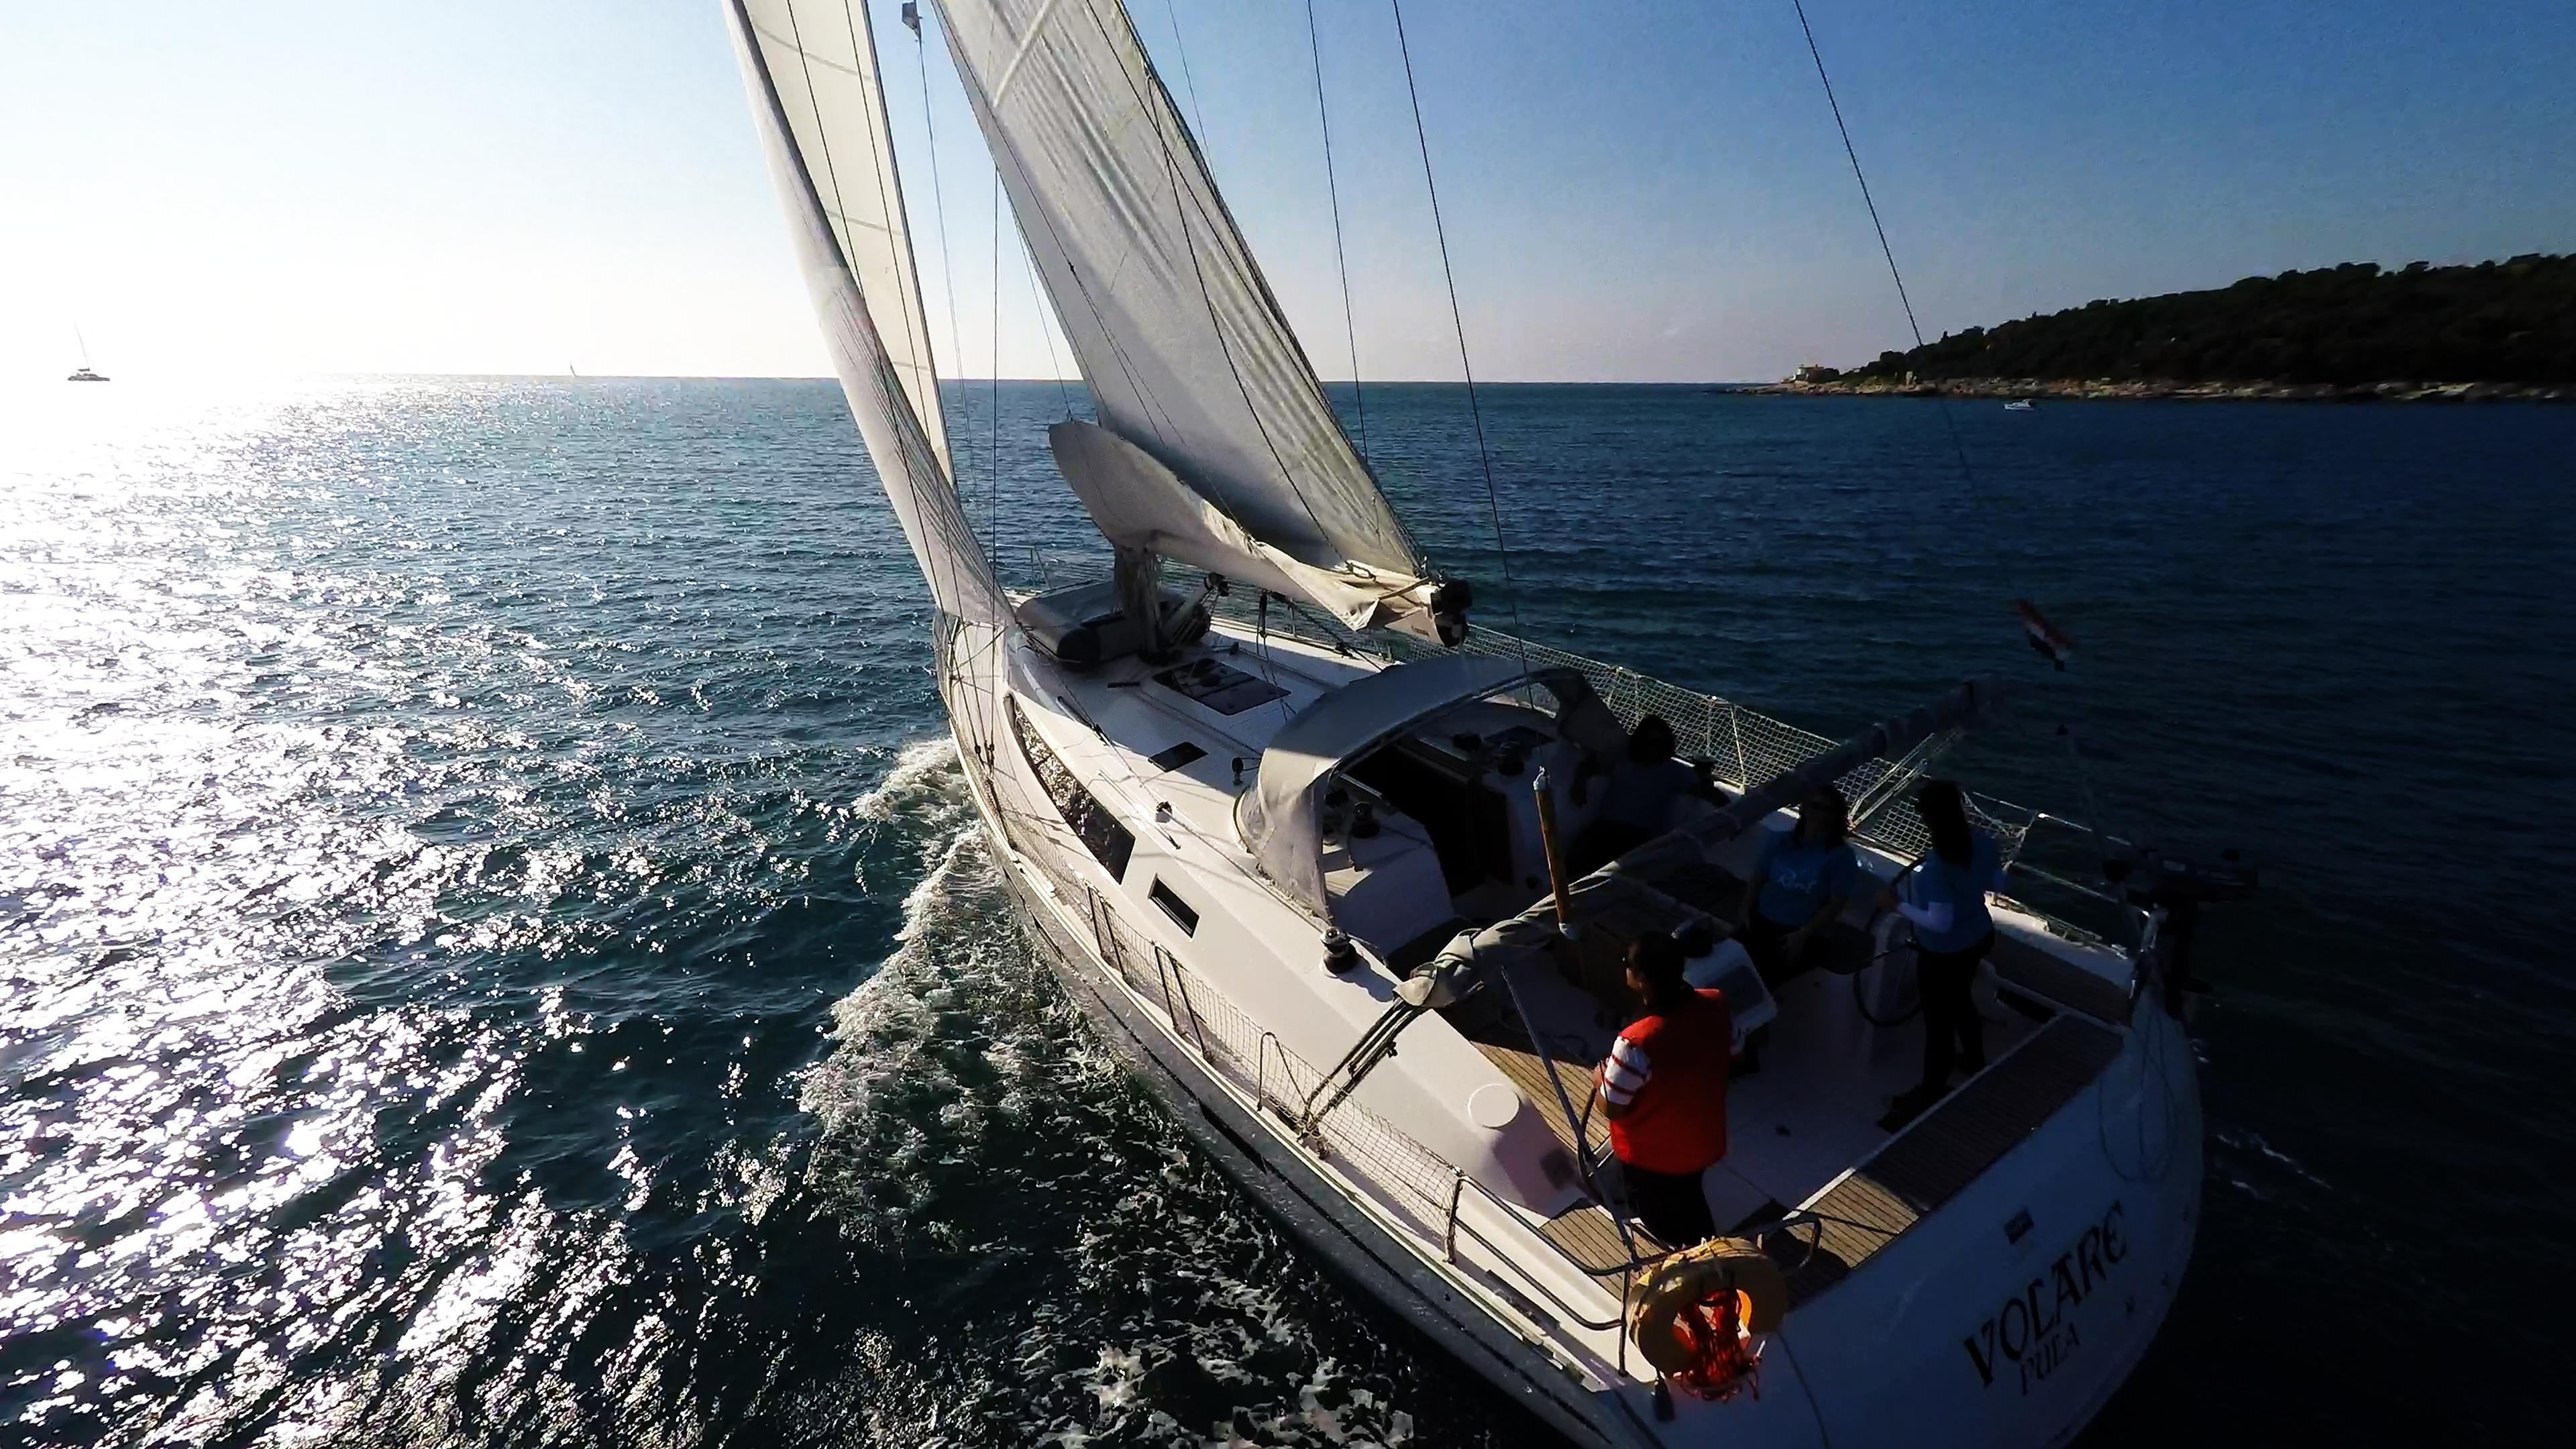 barcha a vela yacht a vela vento vela barca a vela bavaria 46 skipper pozzetto